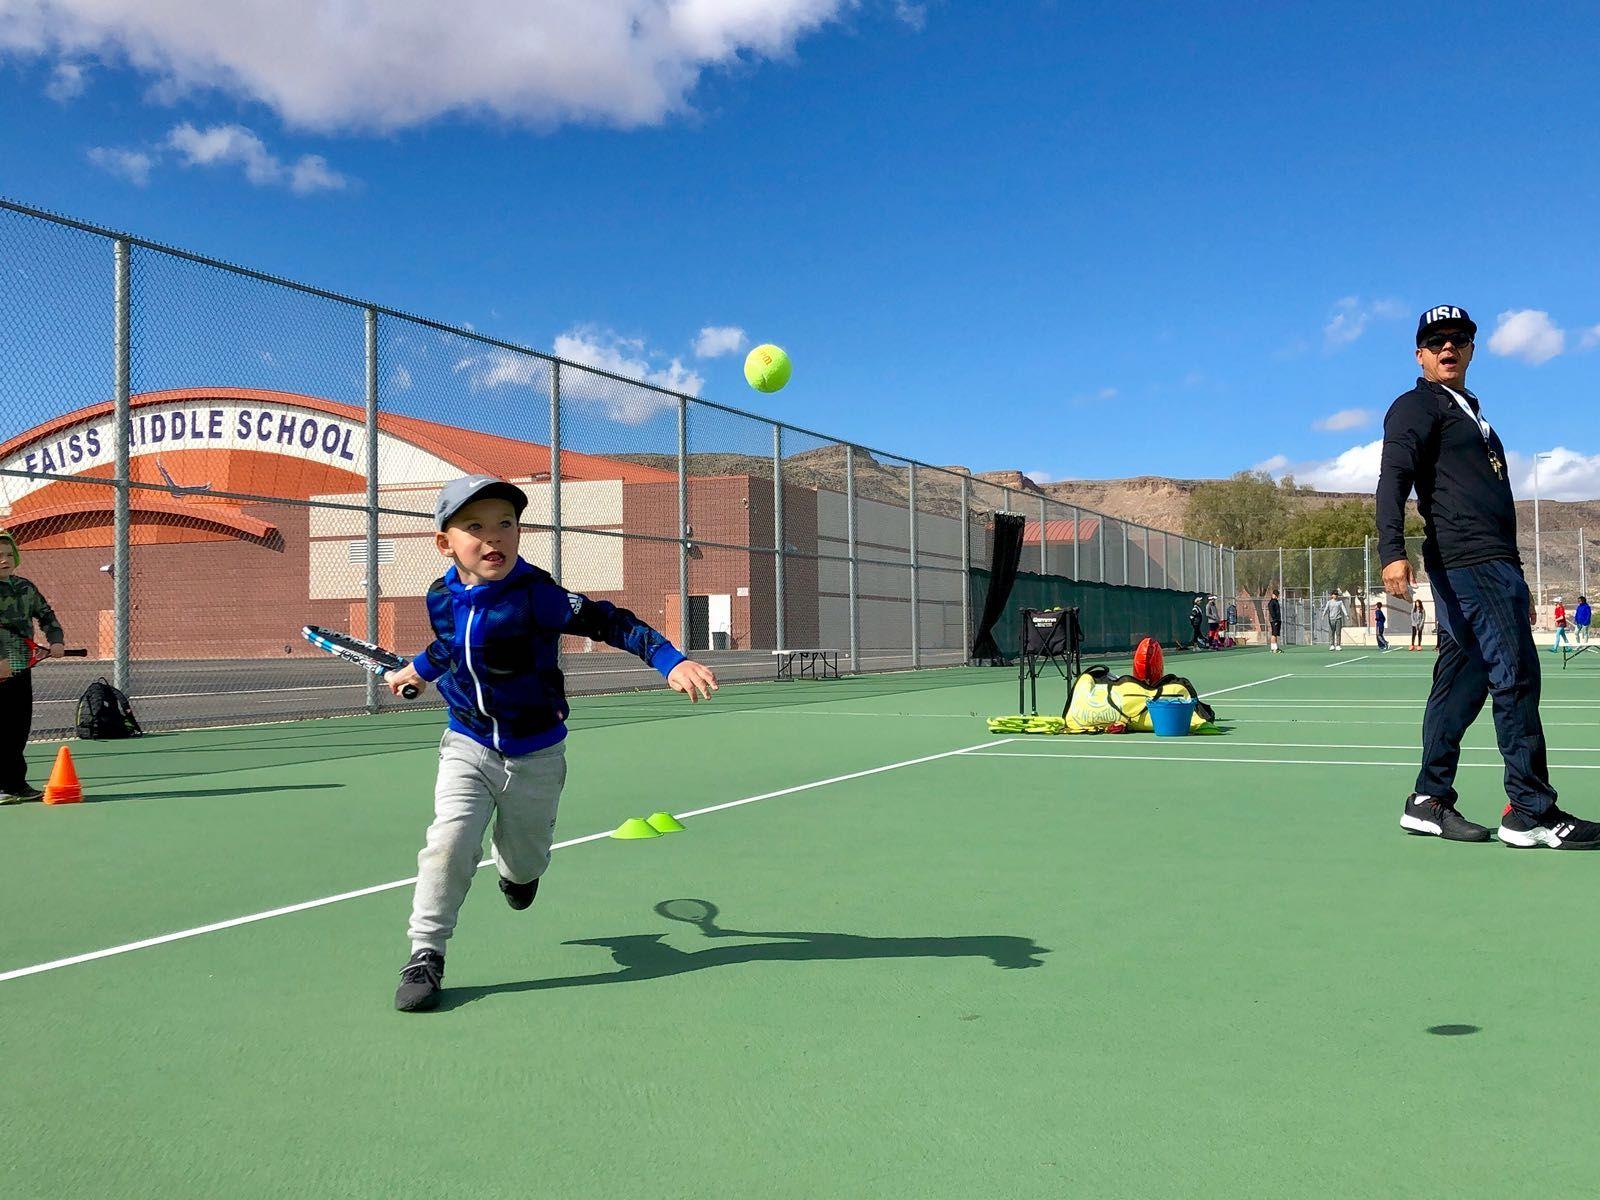 Як одеський юний тенісист підкорював Америку